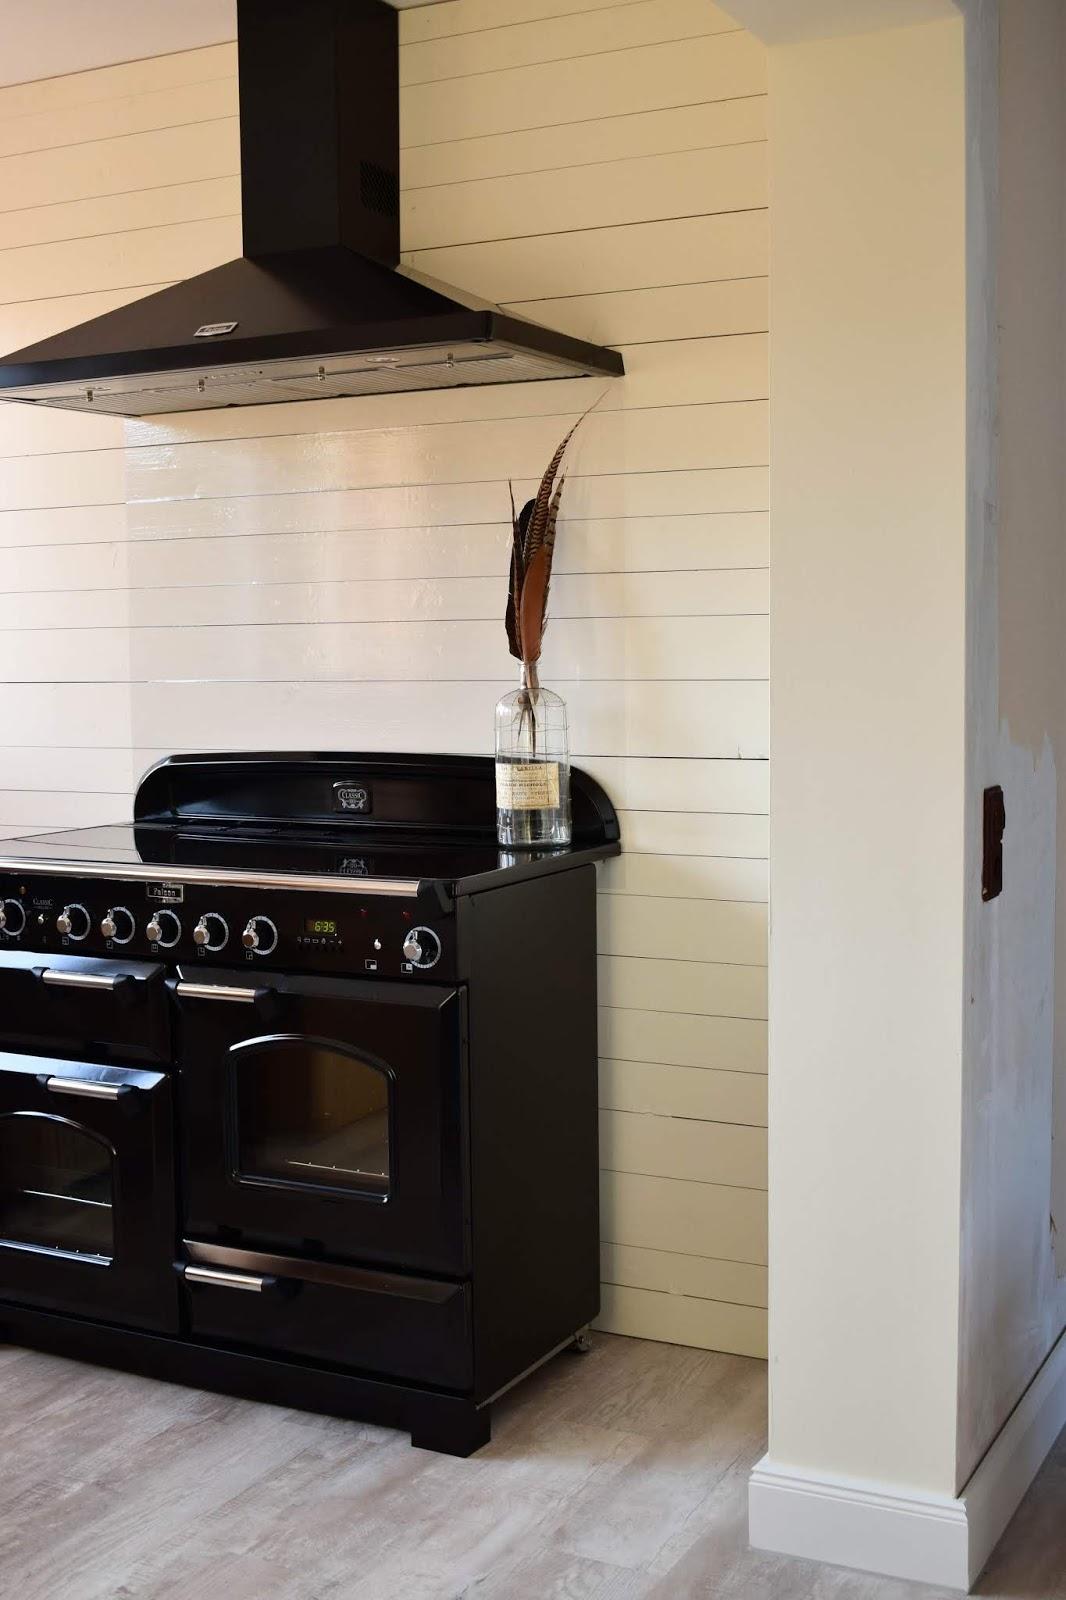 Einfacher und günstiger Spritzschutz für die Küche | ECLECTIC HAMILTON